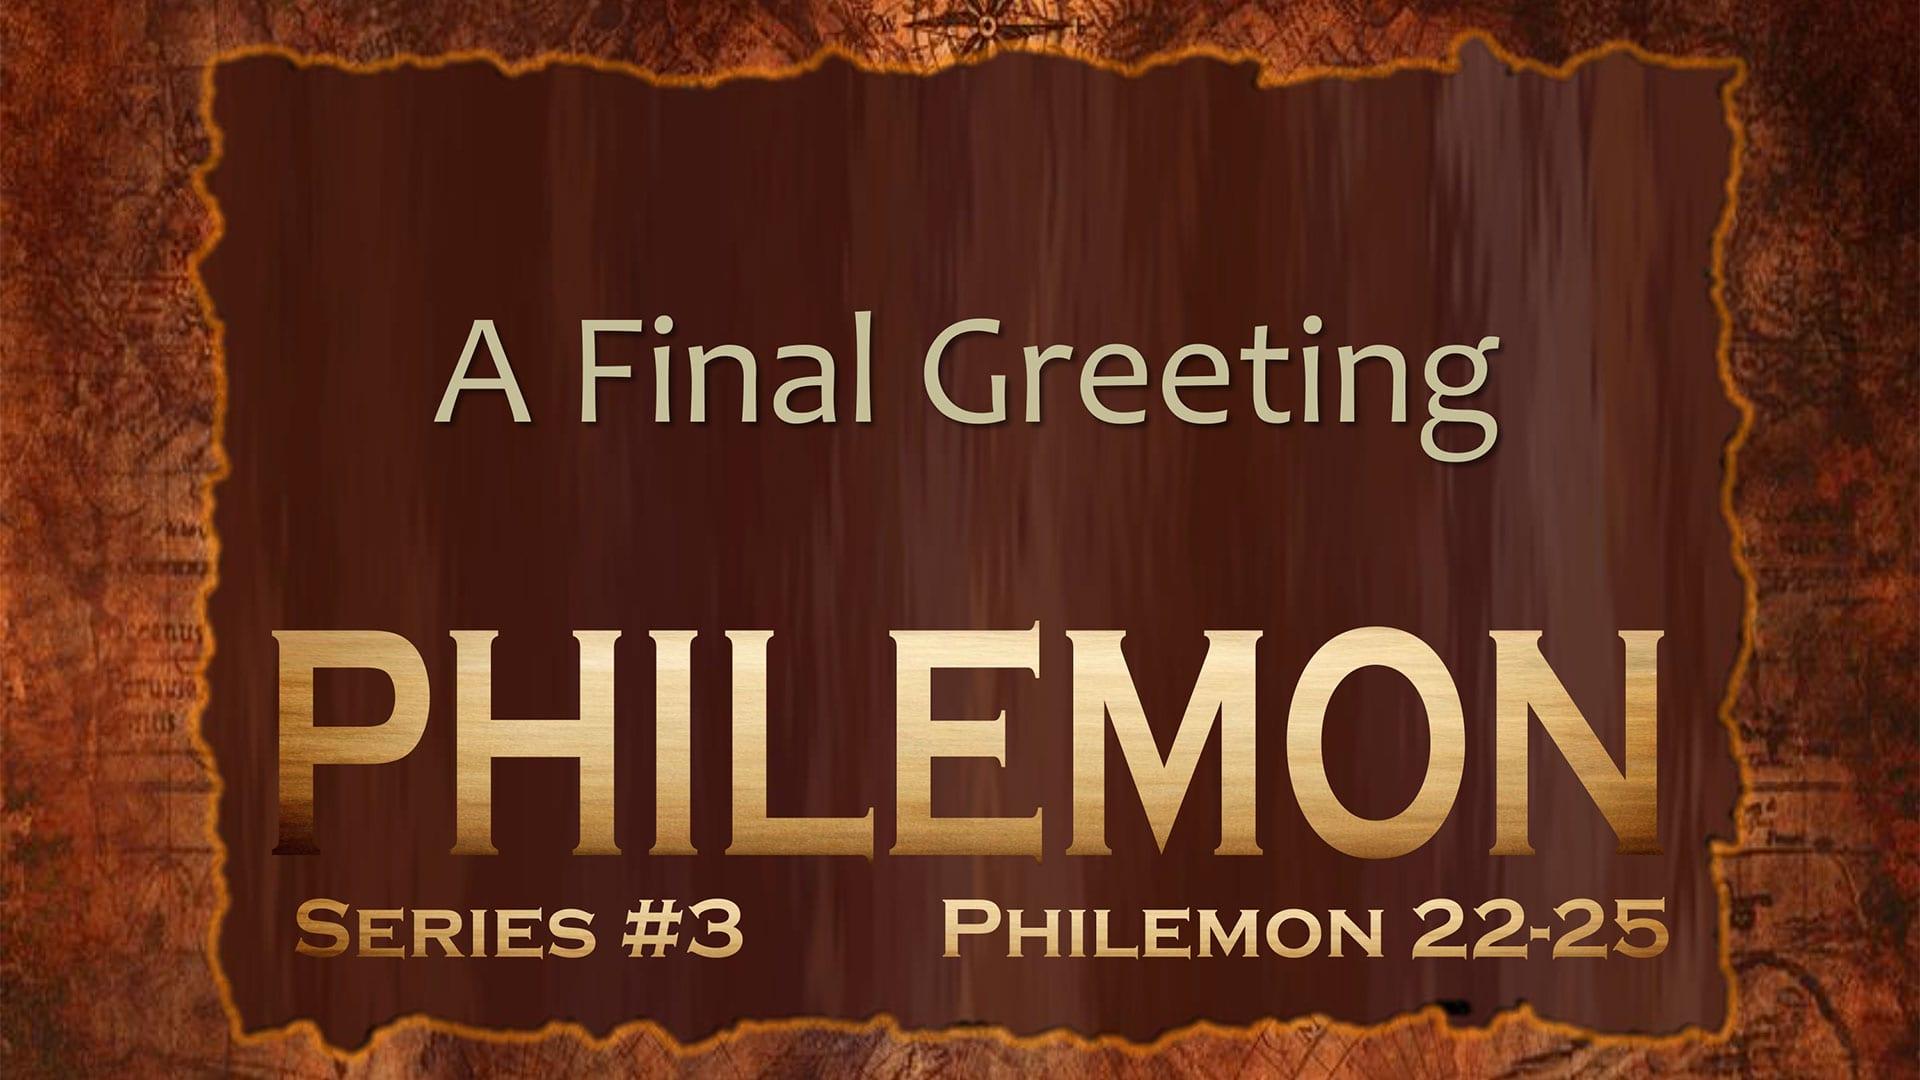 CBC_2020_11_08_Philemon_3_Outline_Thumbnail_1920x1080